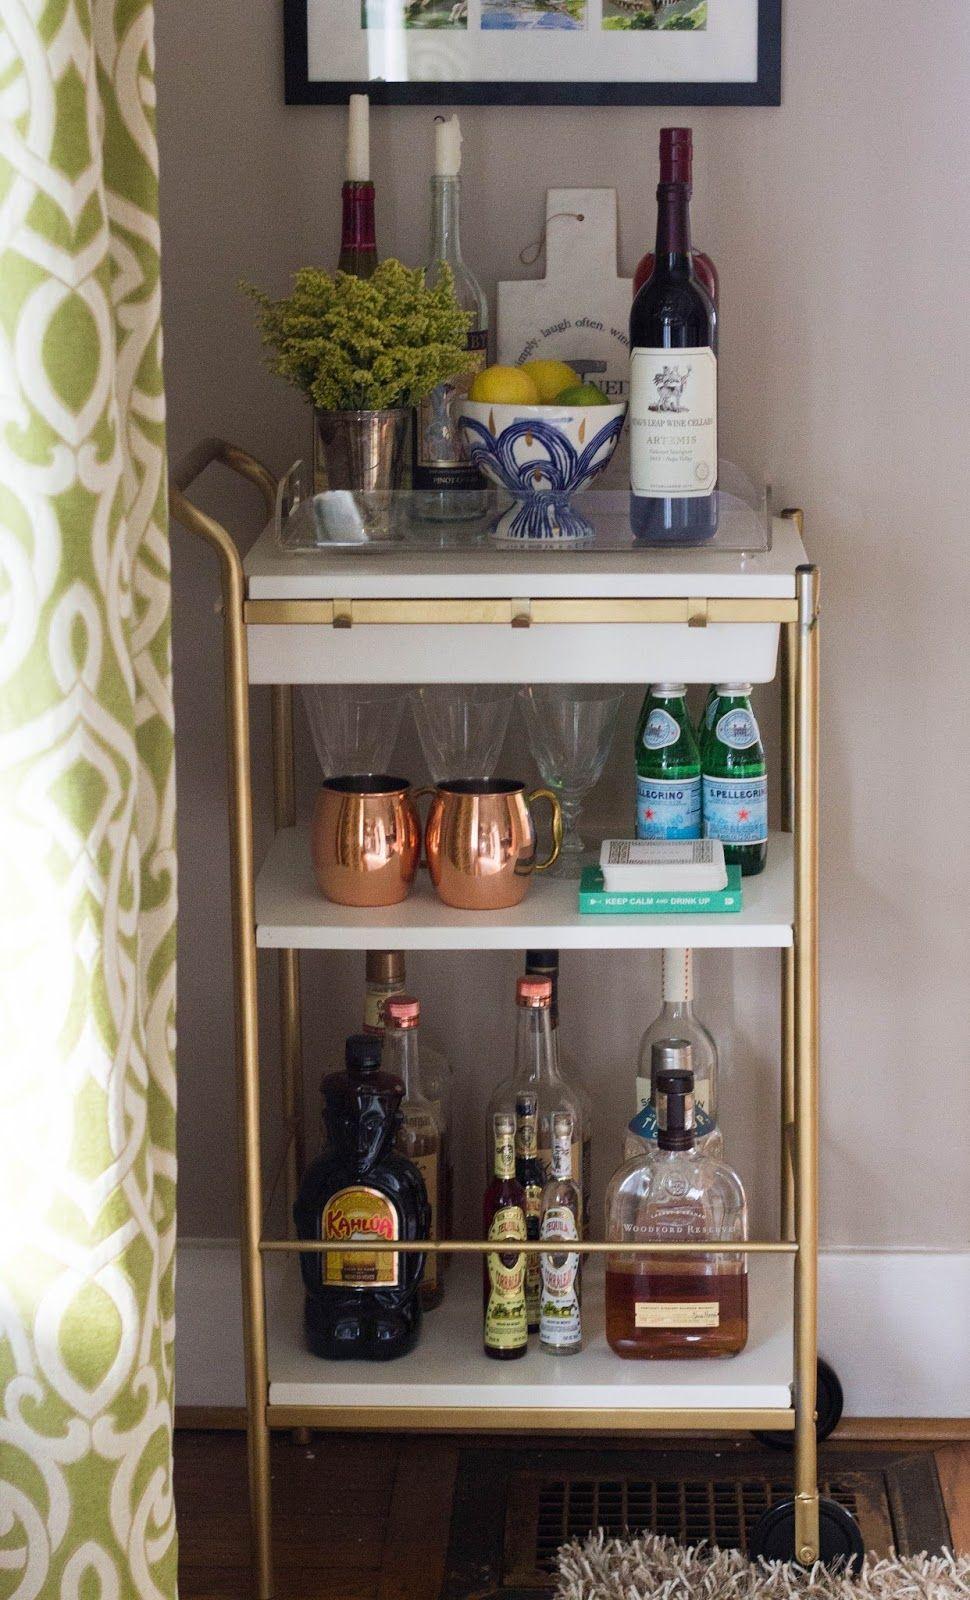 Les 25 meilleures id es de la cat gorie ikea brooklyn sur for Ikea amis et prestations familiales